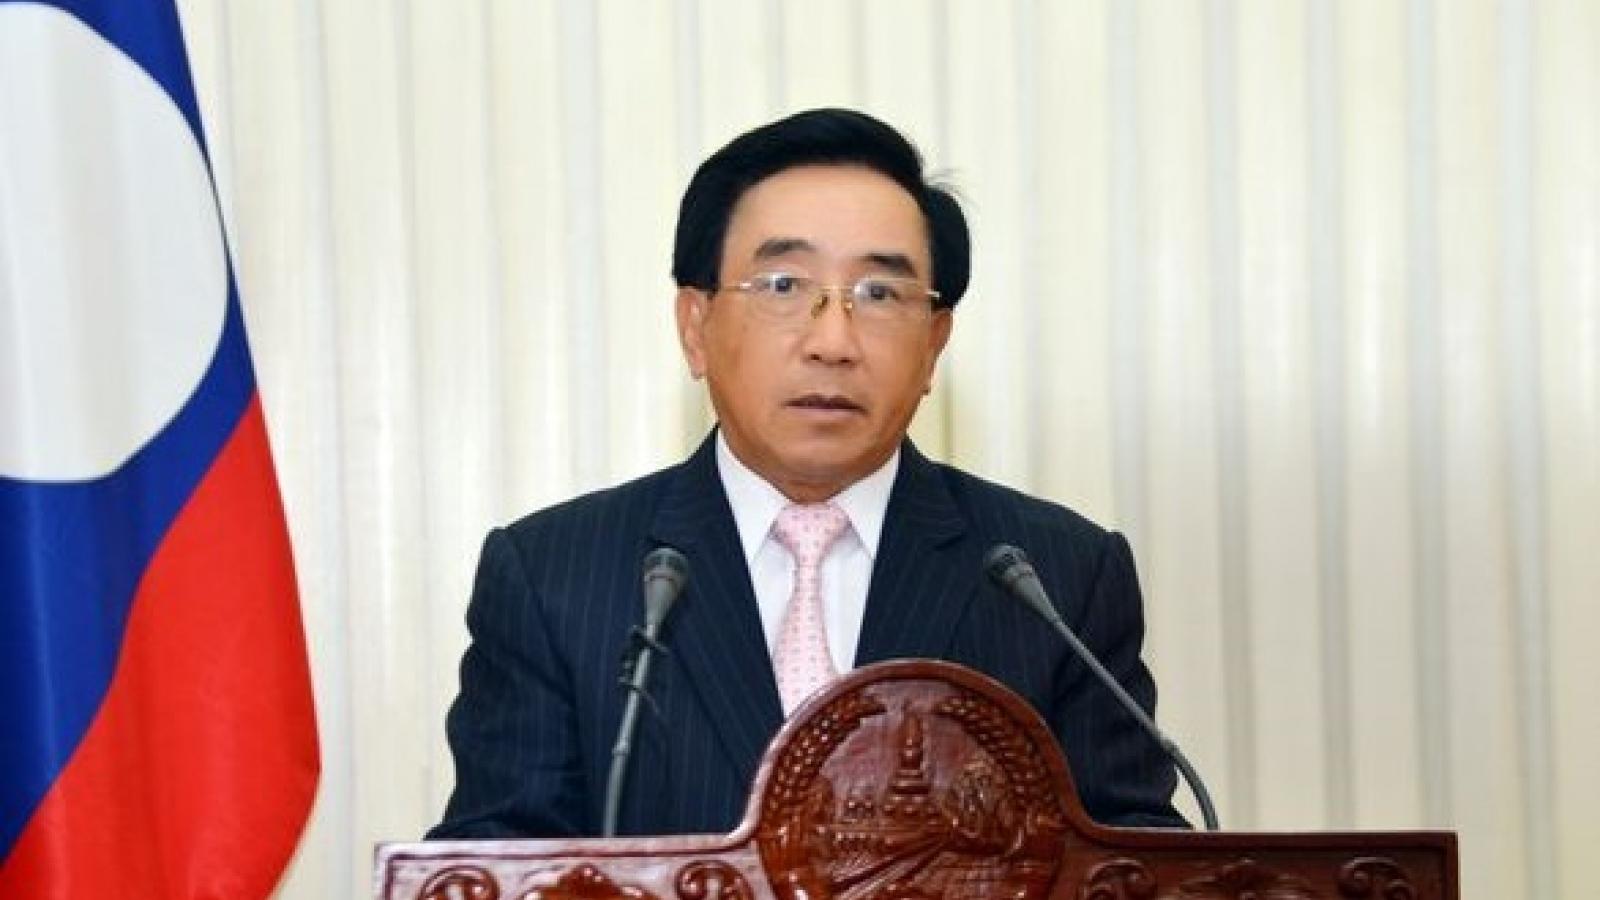 Thủ tướng Lào yêu cầu thực hiện nghiêm các biện pháp phòng chống Covid-19